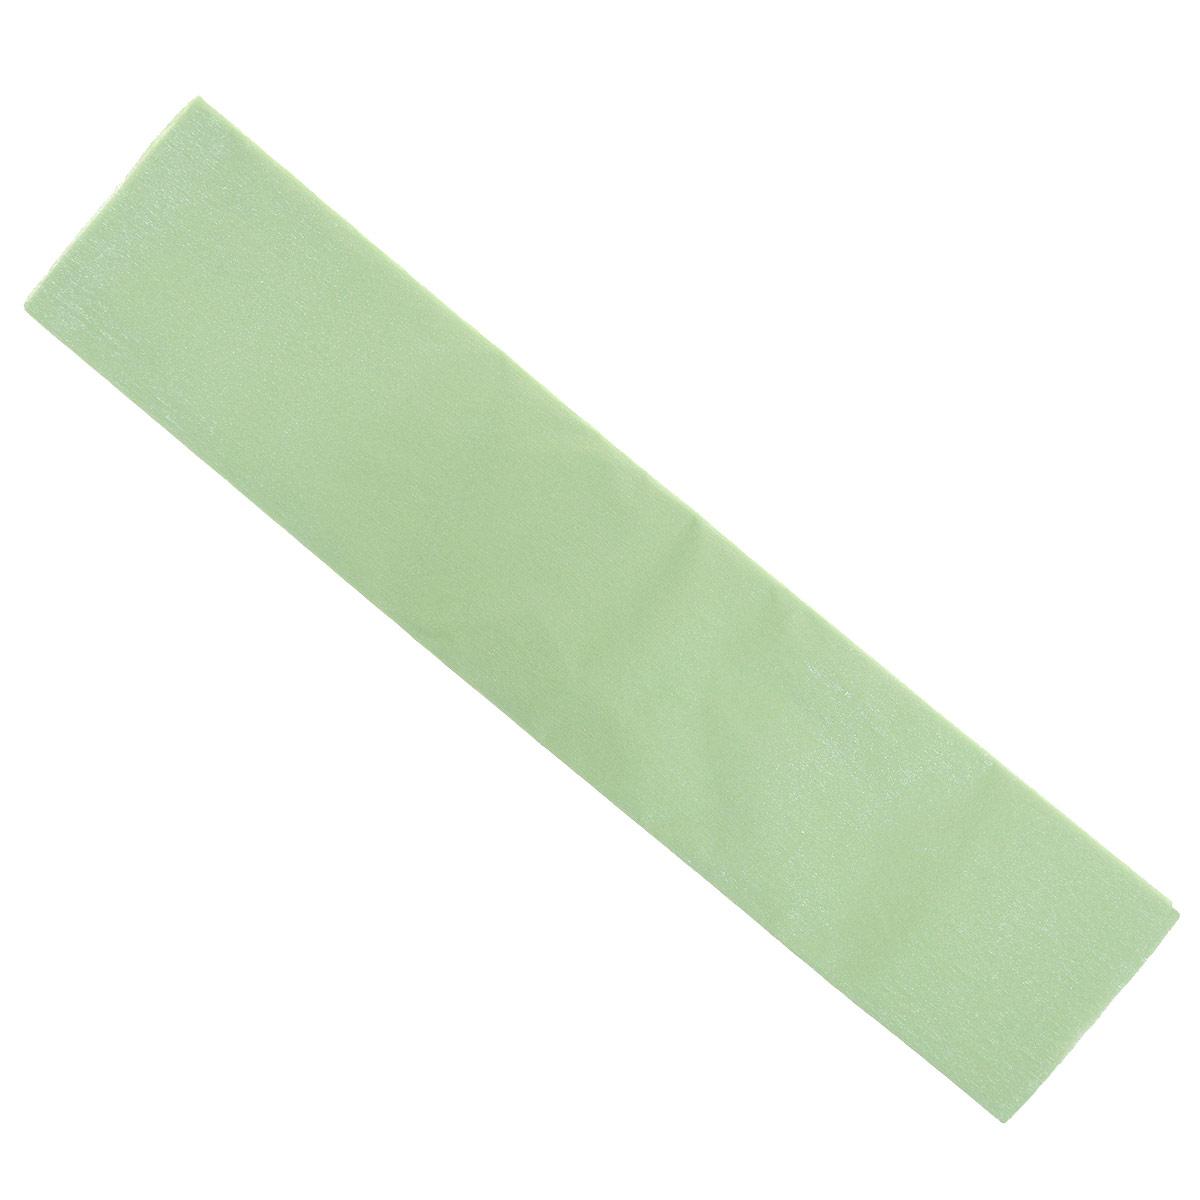 Крепированная бумага Hatber, перламутровая, цвет: светло-зеленый, 5 см х 25 смБк2пл_00007Цветная крепированная бумага Hatber - отличный вариант для развития творчества вашего ребенка. Бумага с фактурным покрытием очень гибкая и мягкая, из нее можно создавать чудесные аппликации, игрушки, подарки и объемные поделки. Цветная крепированная бумага Hatber способствует развитию фантазии, цветовосприятия и мелкой моторики рук. Размер бумаги - 5 см х 25 см.